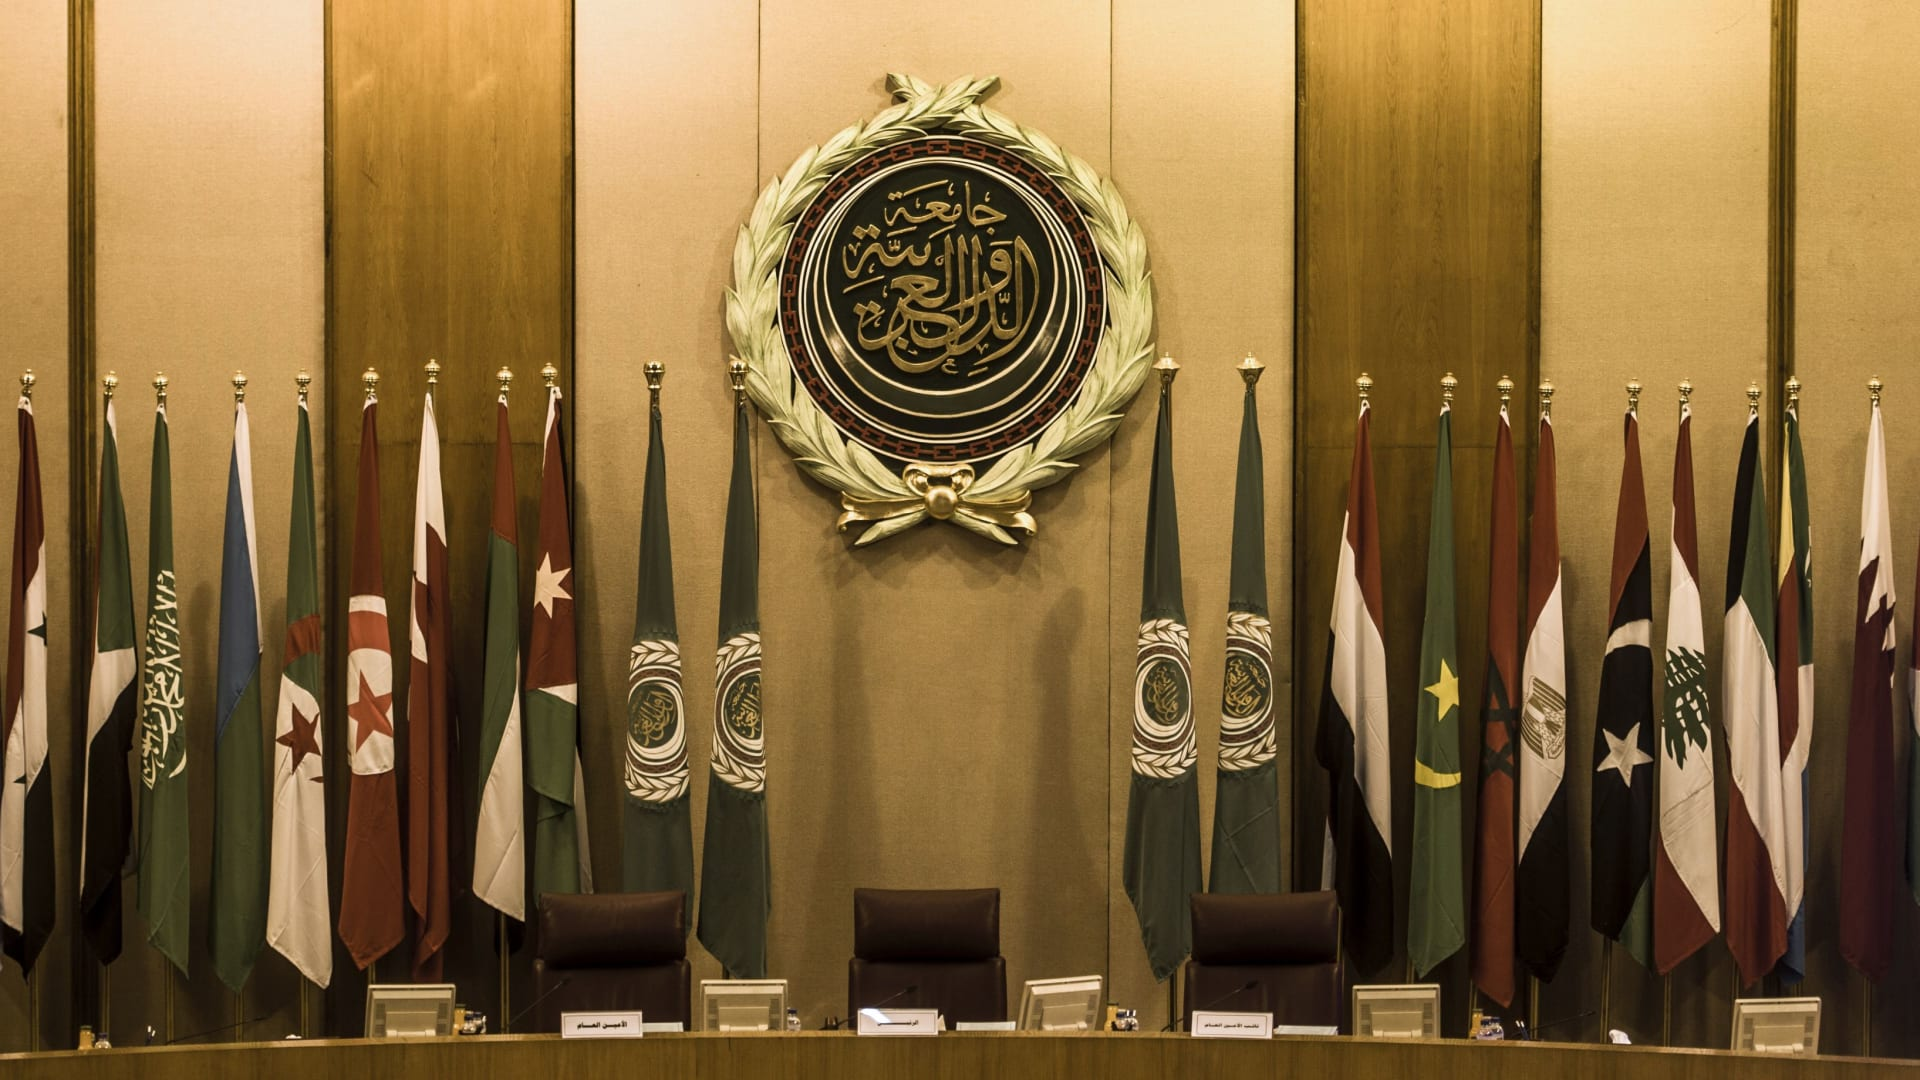 الجامعة العربية تؤكد على أهمية مقابلة تركيا للإجراءات السعودية الجدية بقضية خاشقجي